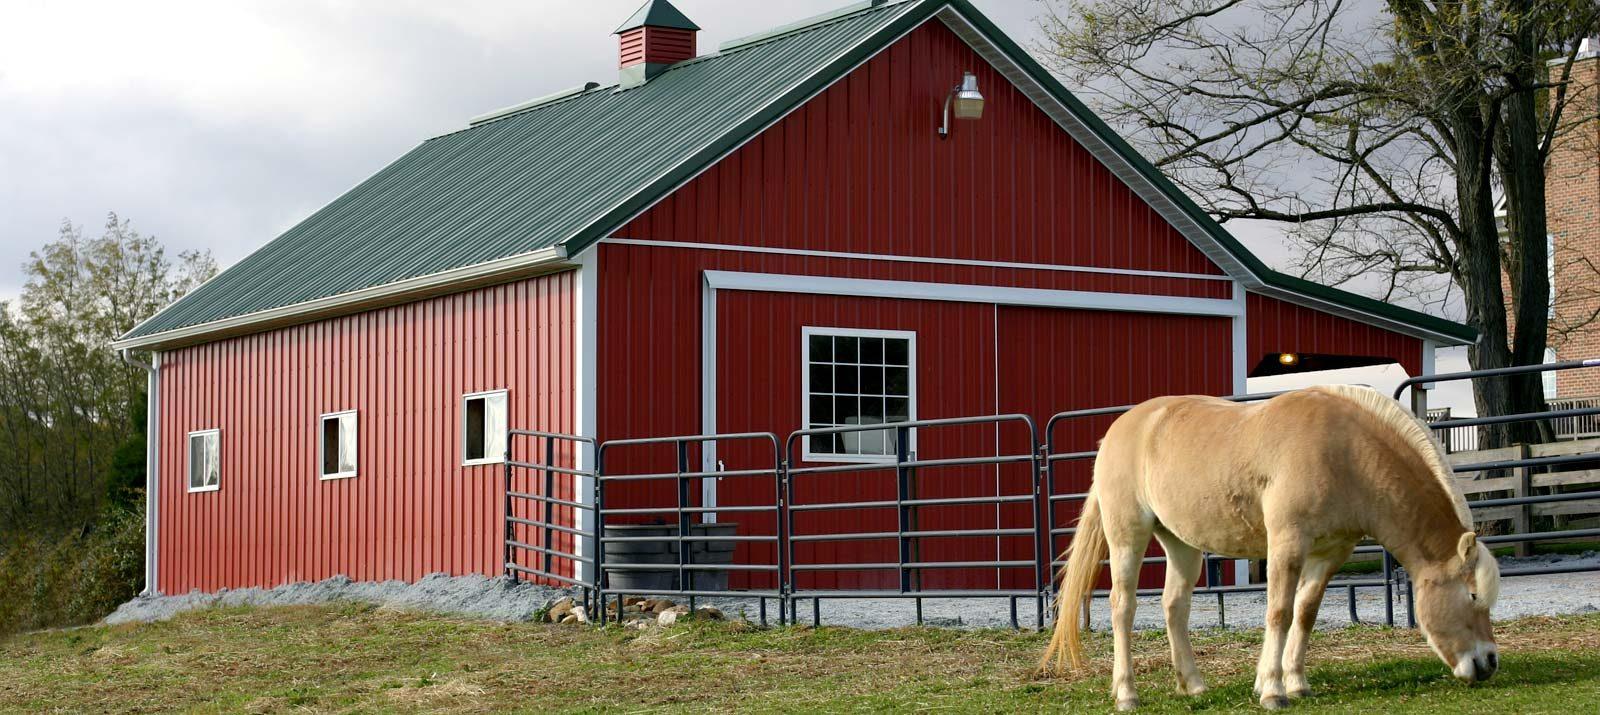 cb-slider-equine-barn-5